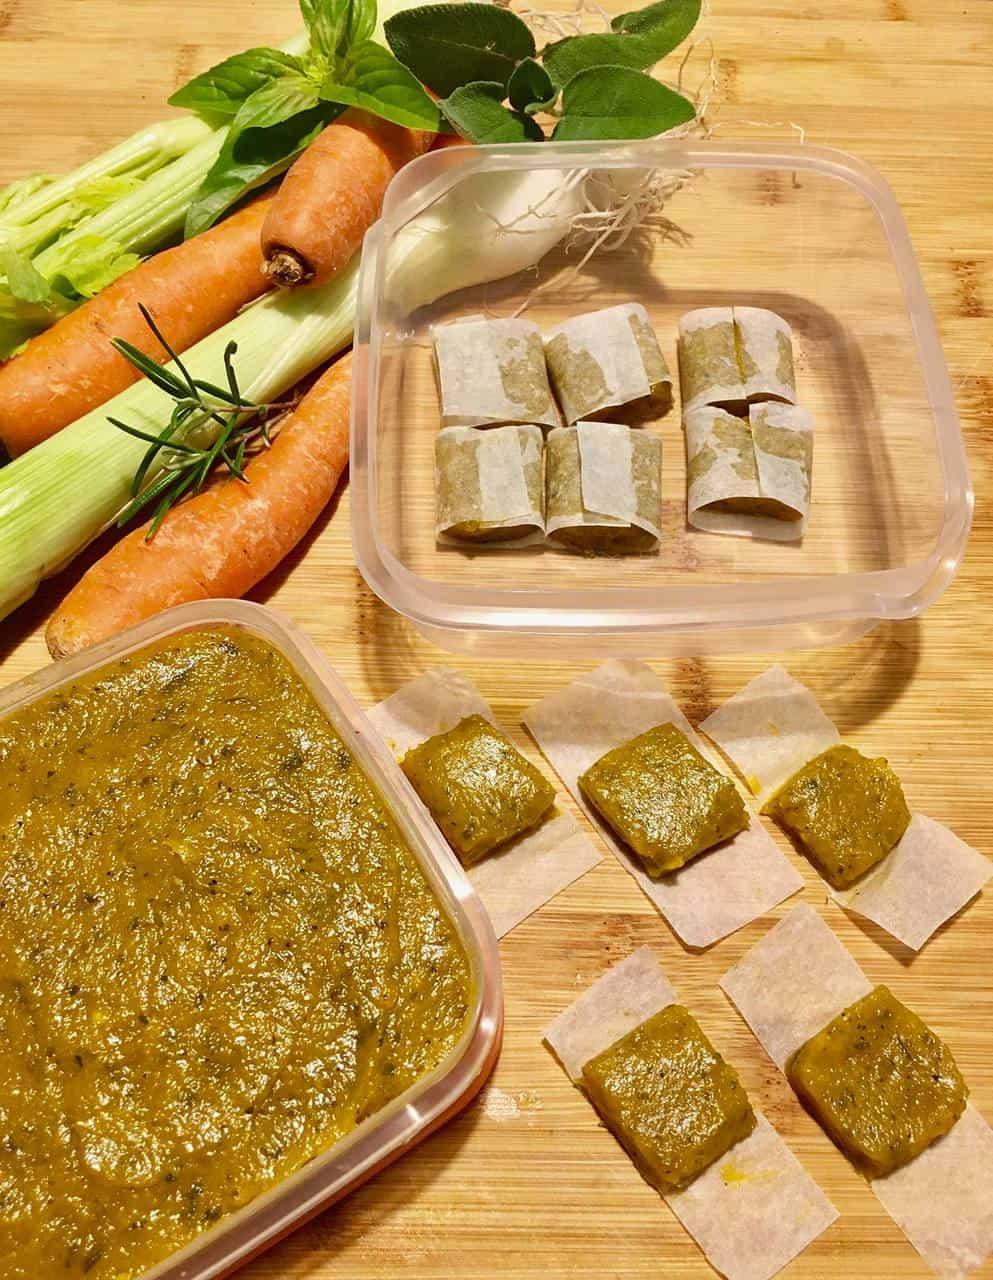 Dado vegetale fatto in casa da congelare